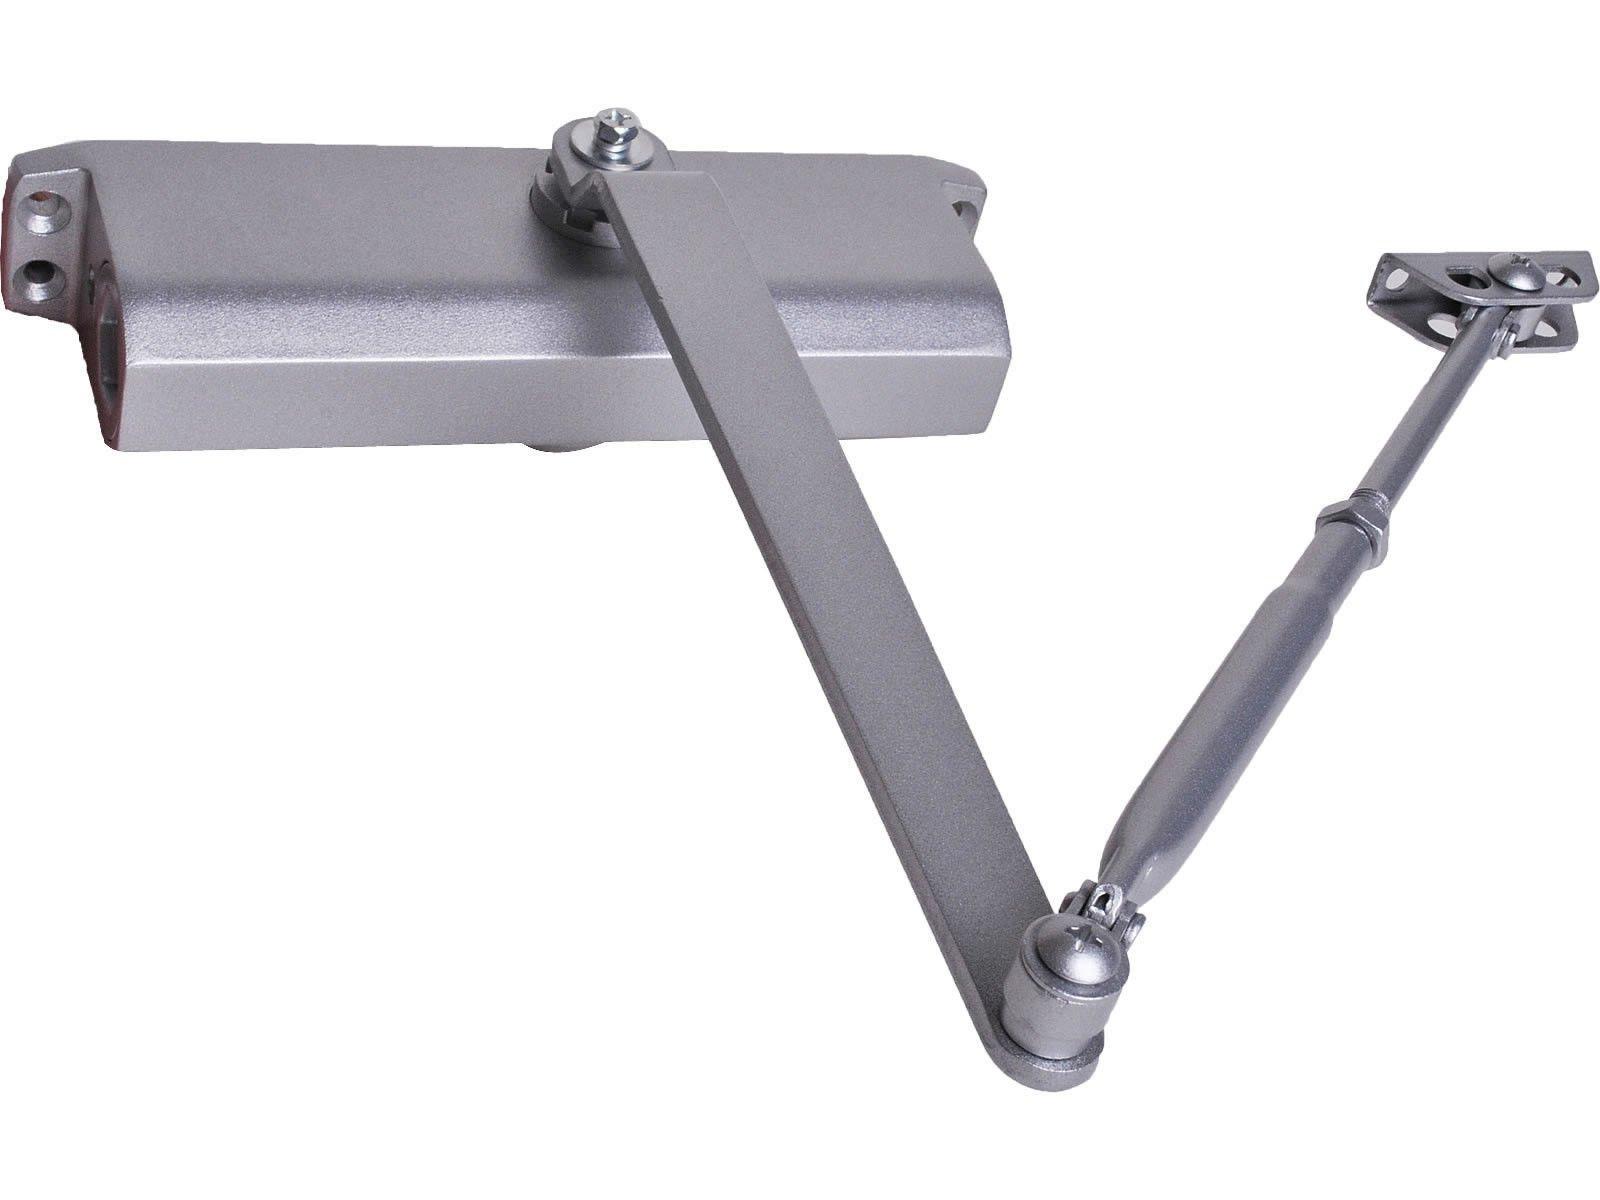 Super buy Size 4 Commercial Door Closer 65-85 kgs Silver Aluminium Alloy